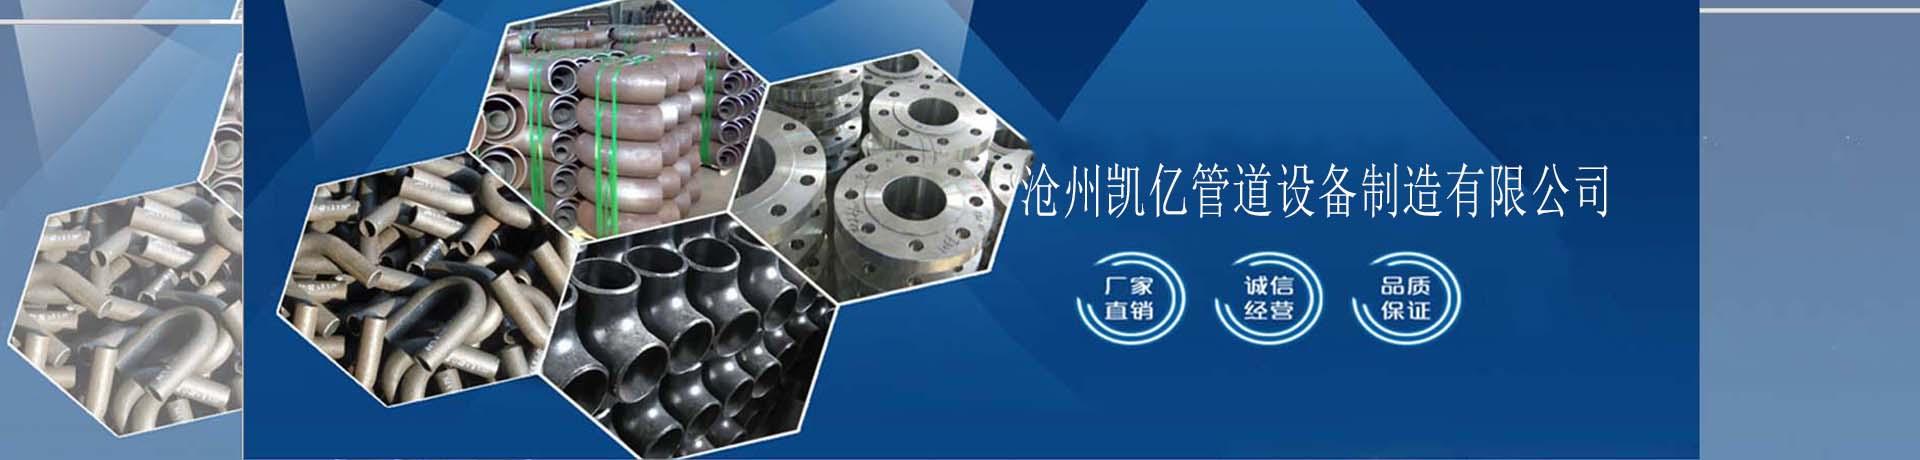 沧州凯亿管道设备制造有限公司